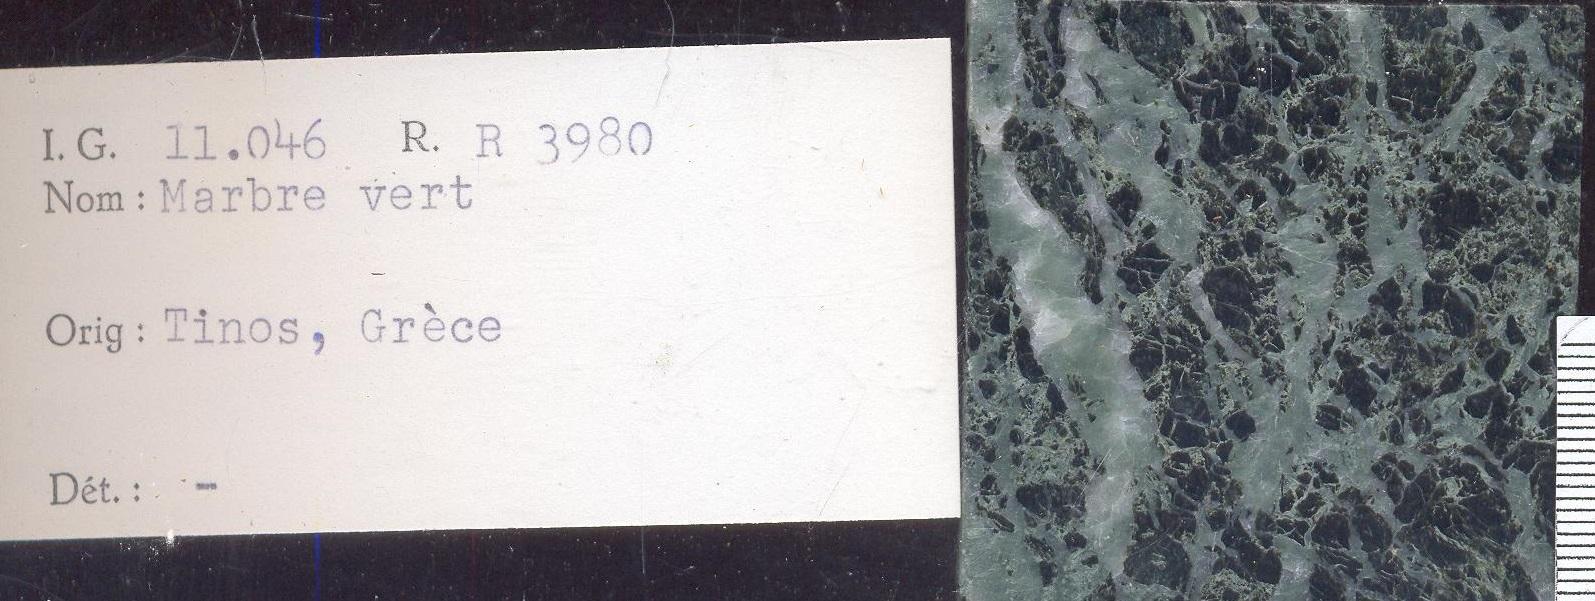 Tinos RR3980